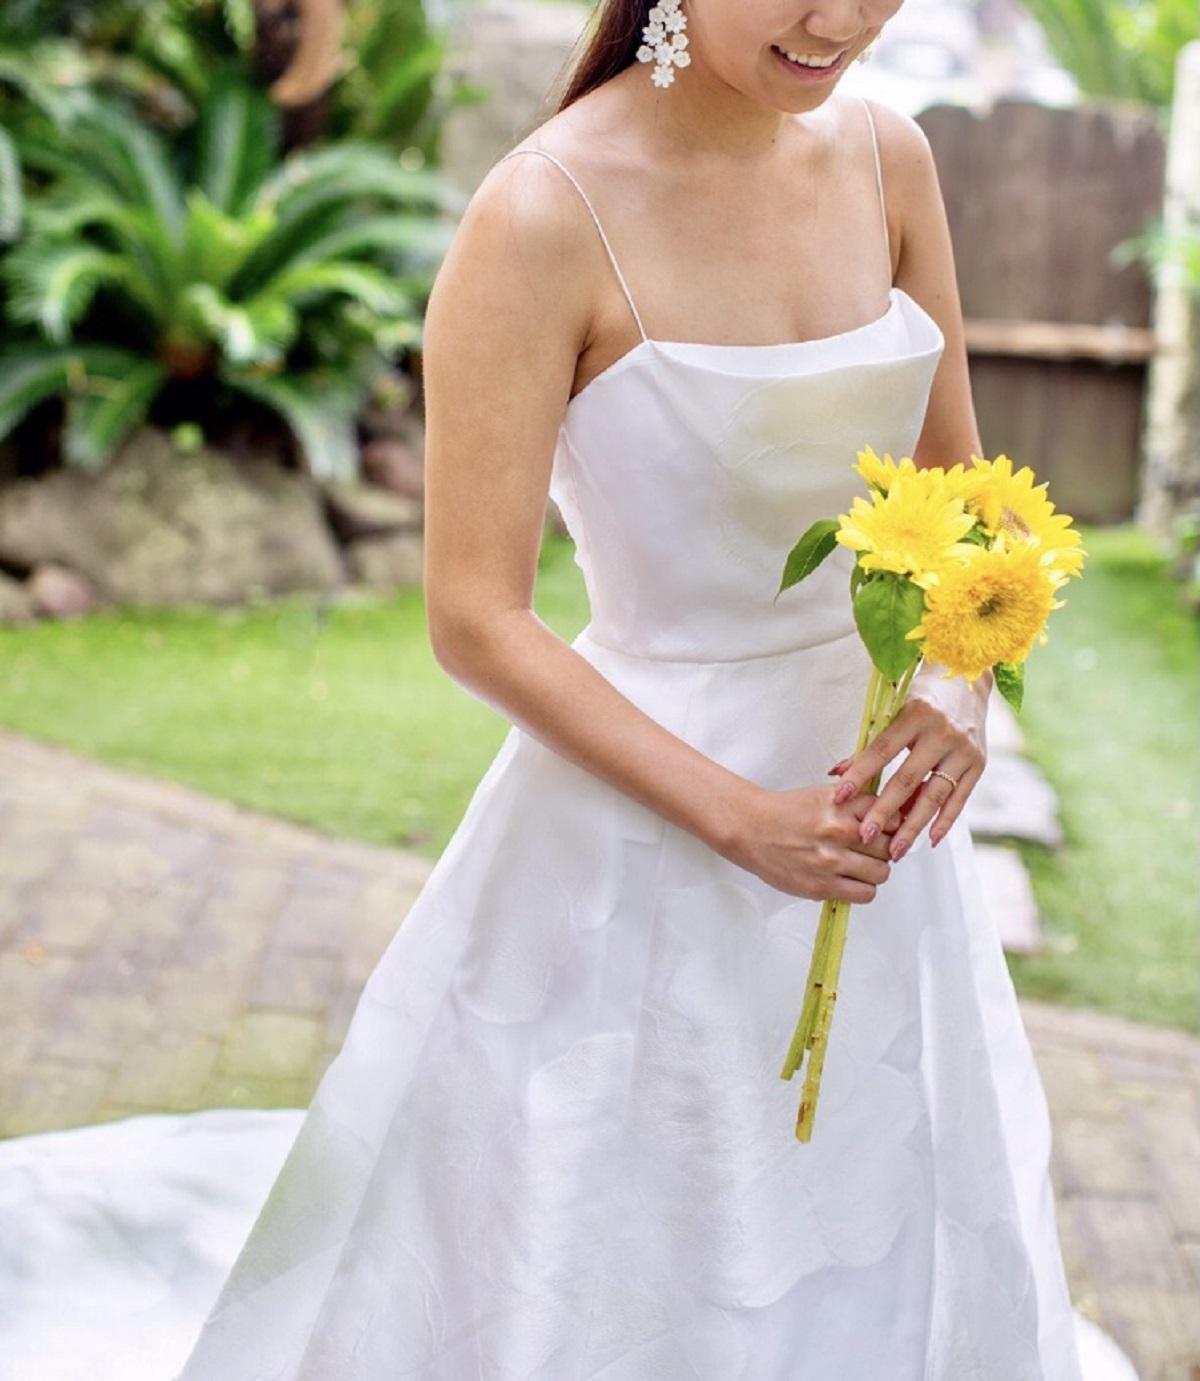 ザ・ルイガンズでのガーデンウエディングには、フラワーモチーフが可憐で華やかな、レンタルウエディングドレスがおすすめ